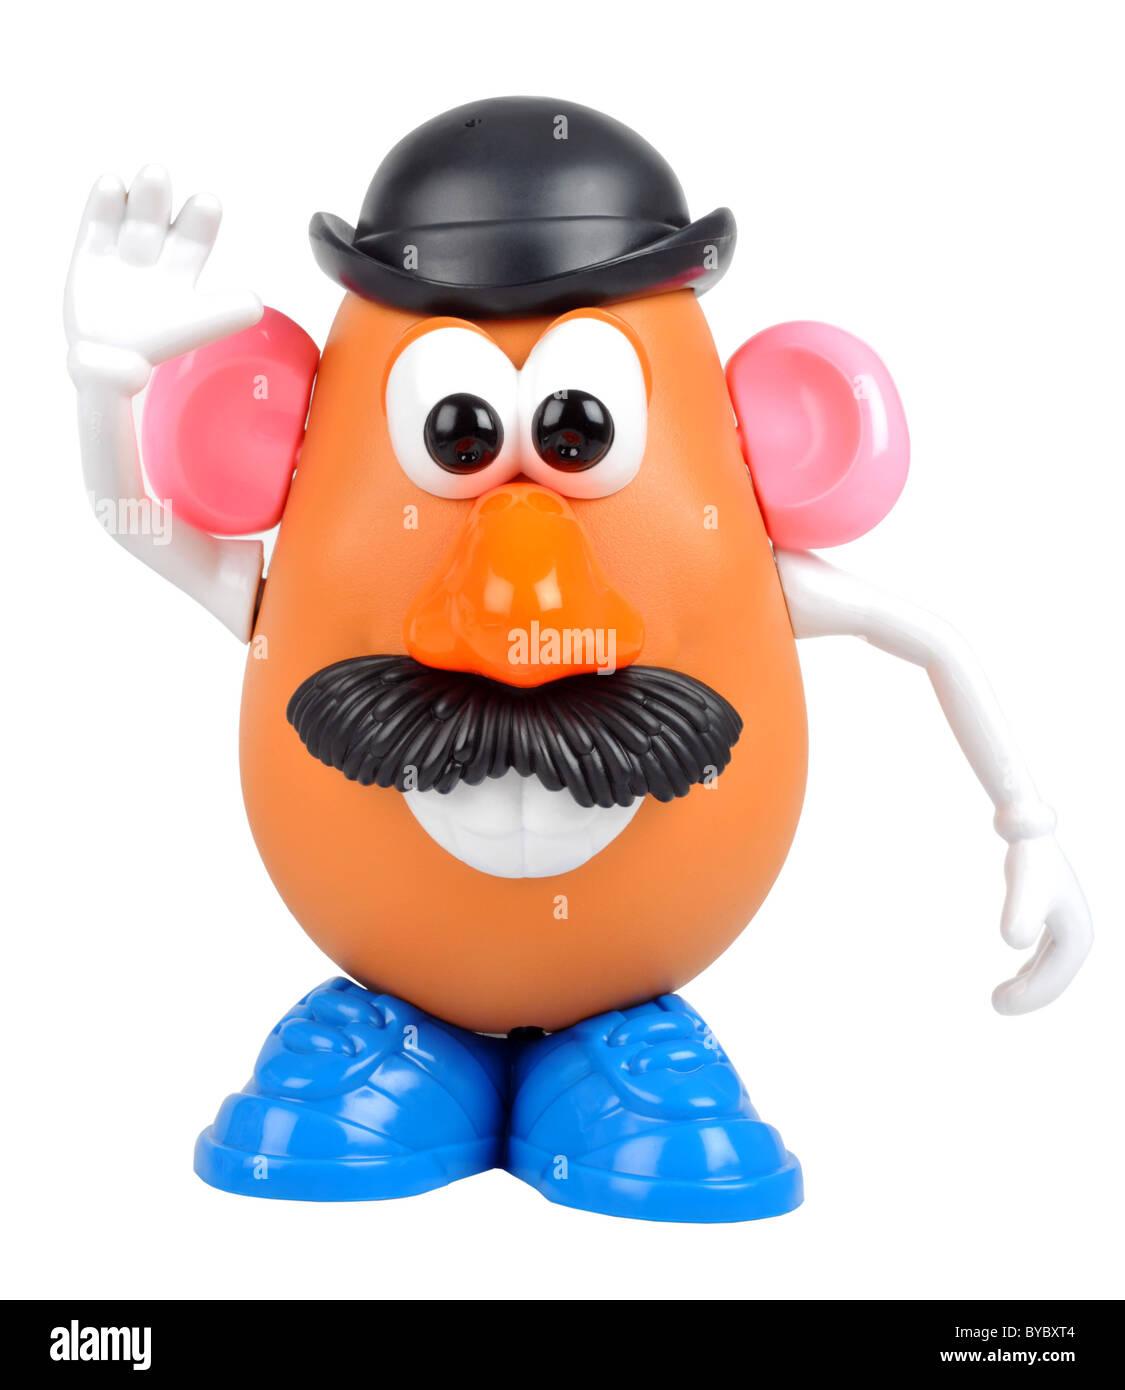 Mr Potato Head Toy Mr Potatohead On A White Background